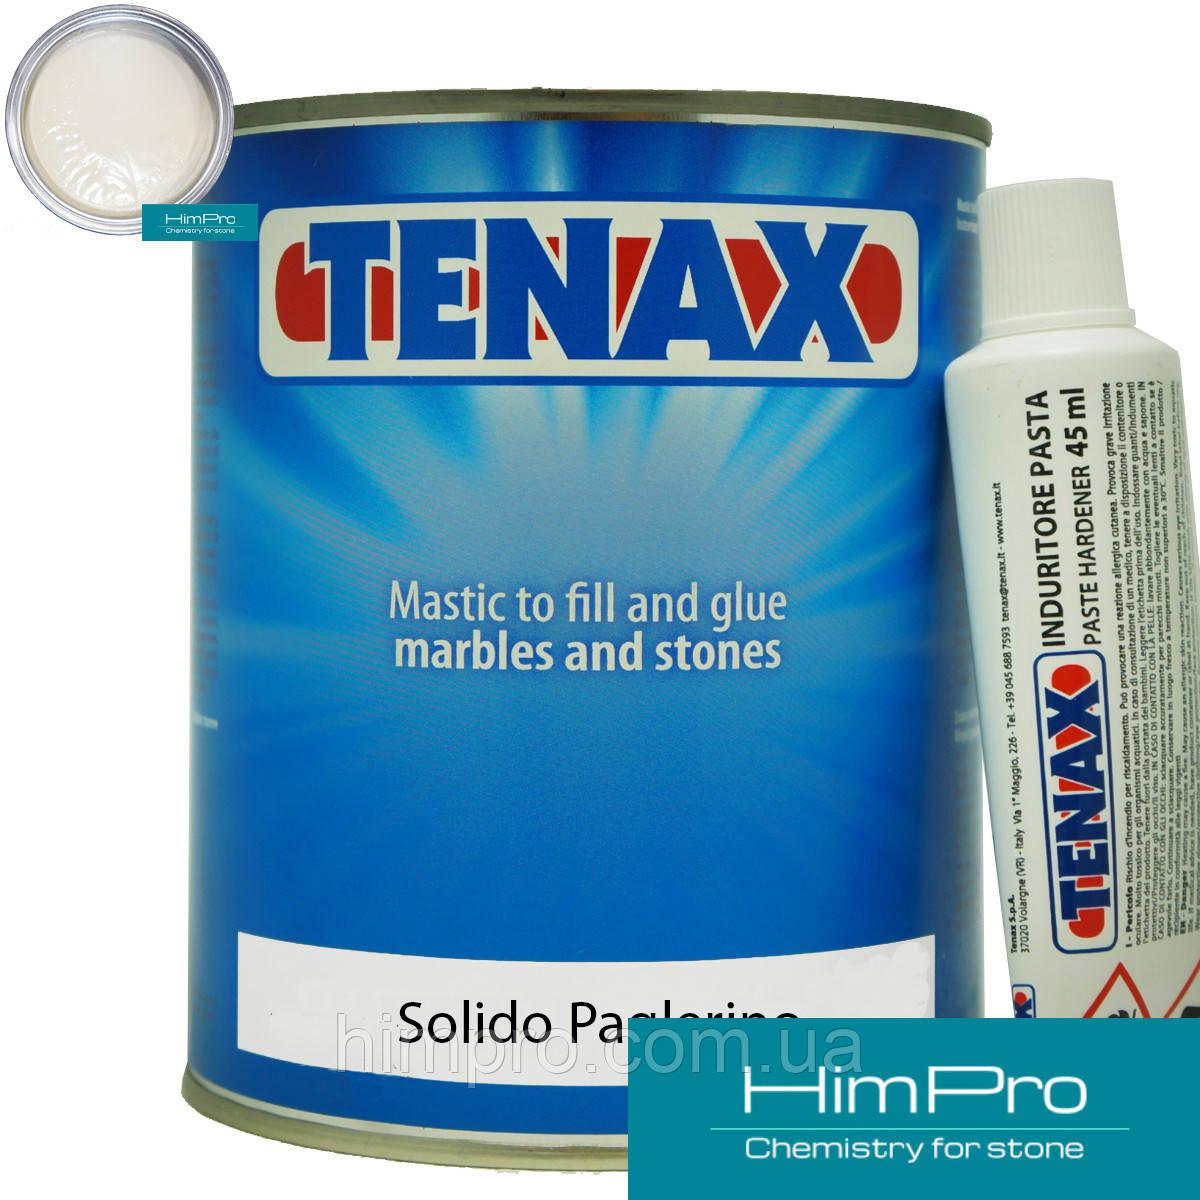 Solido Paglierino 1L Tenax  полиэфирный двух-компонентный клей (бежевый 1.7кг)